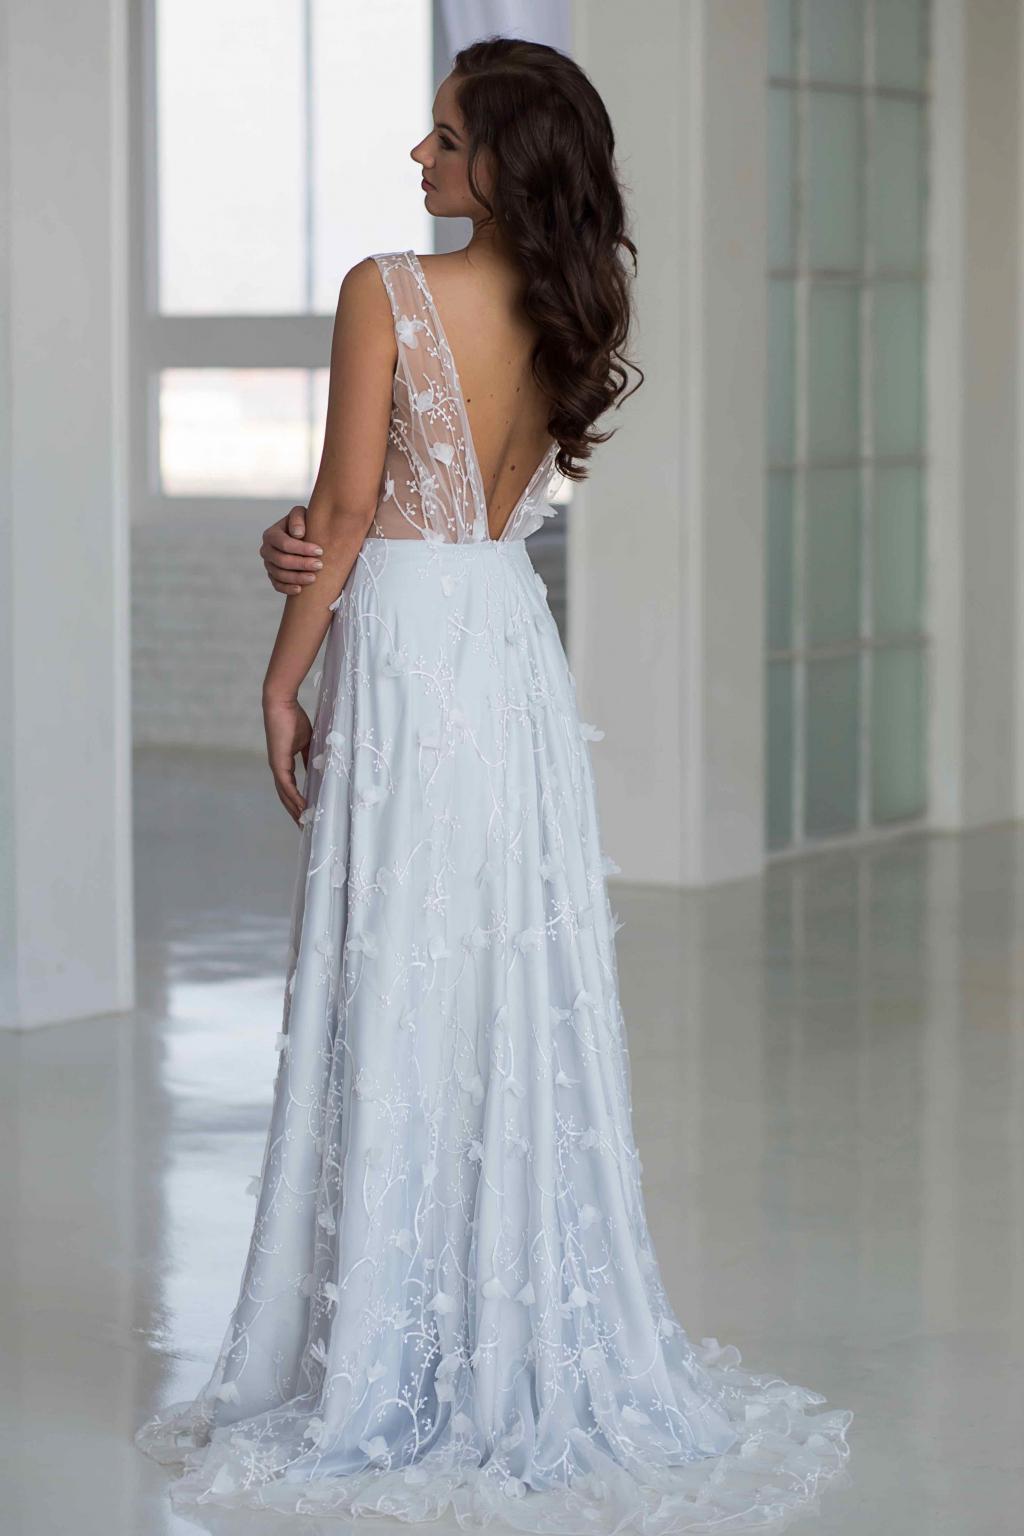 474d5236a8a Šedo-modré svatební šaty ISABELLA · sedo modre svatebni saty ...